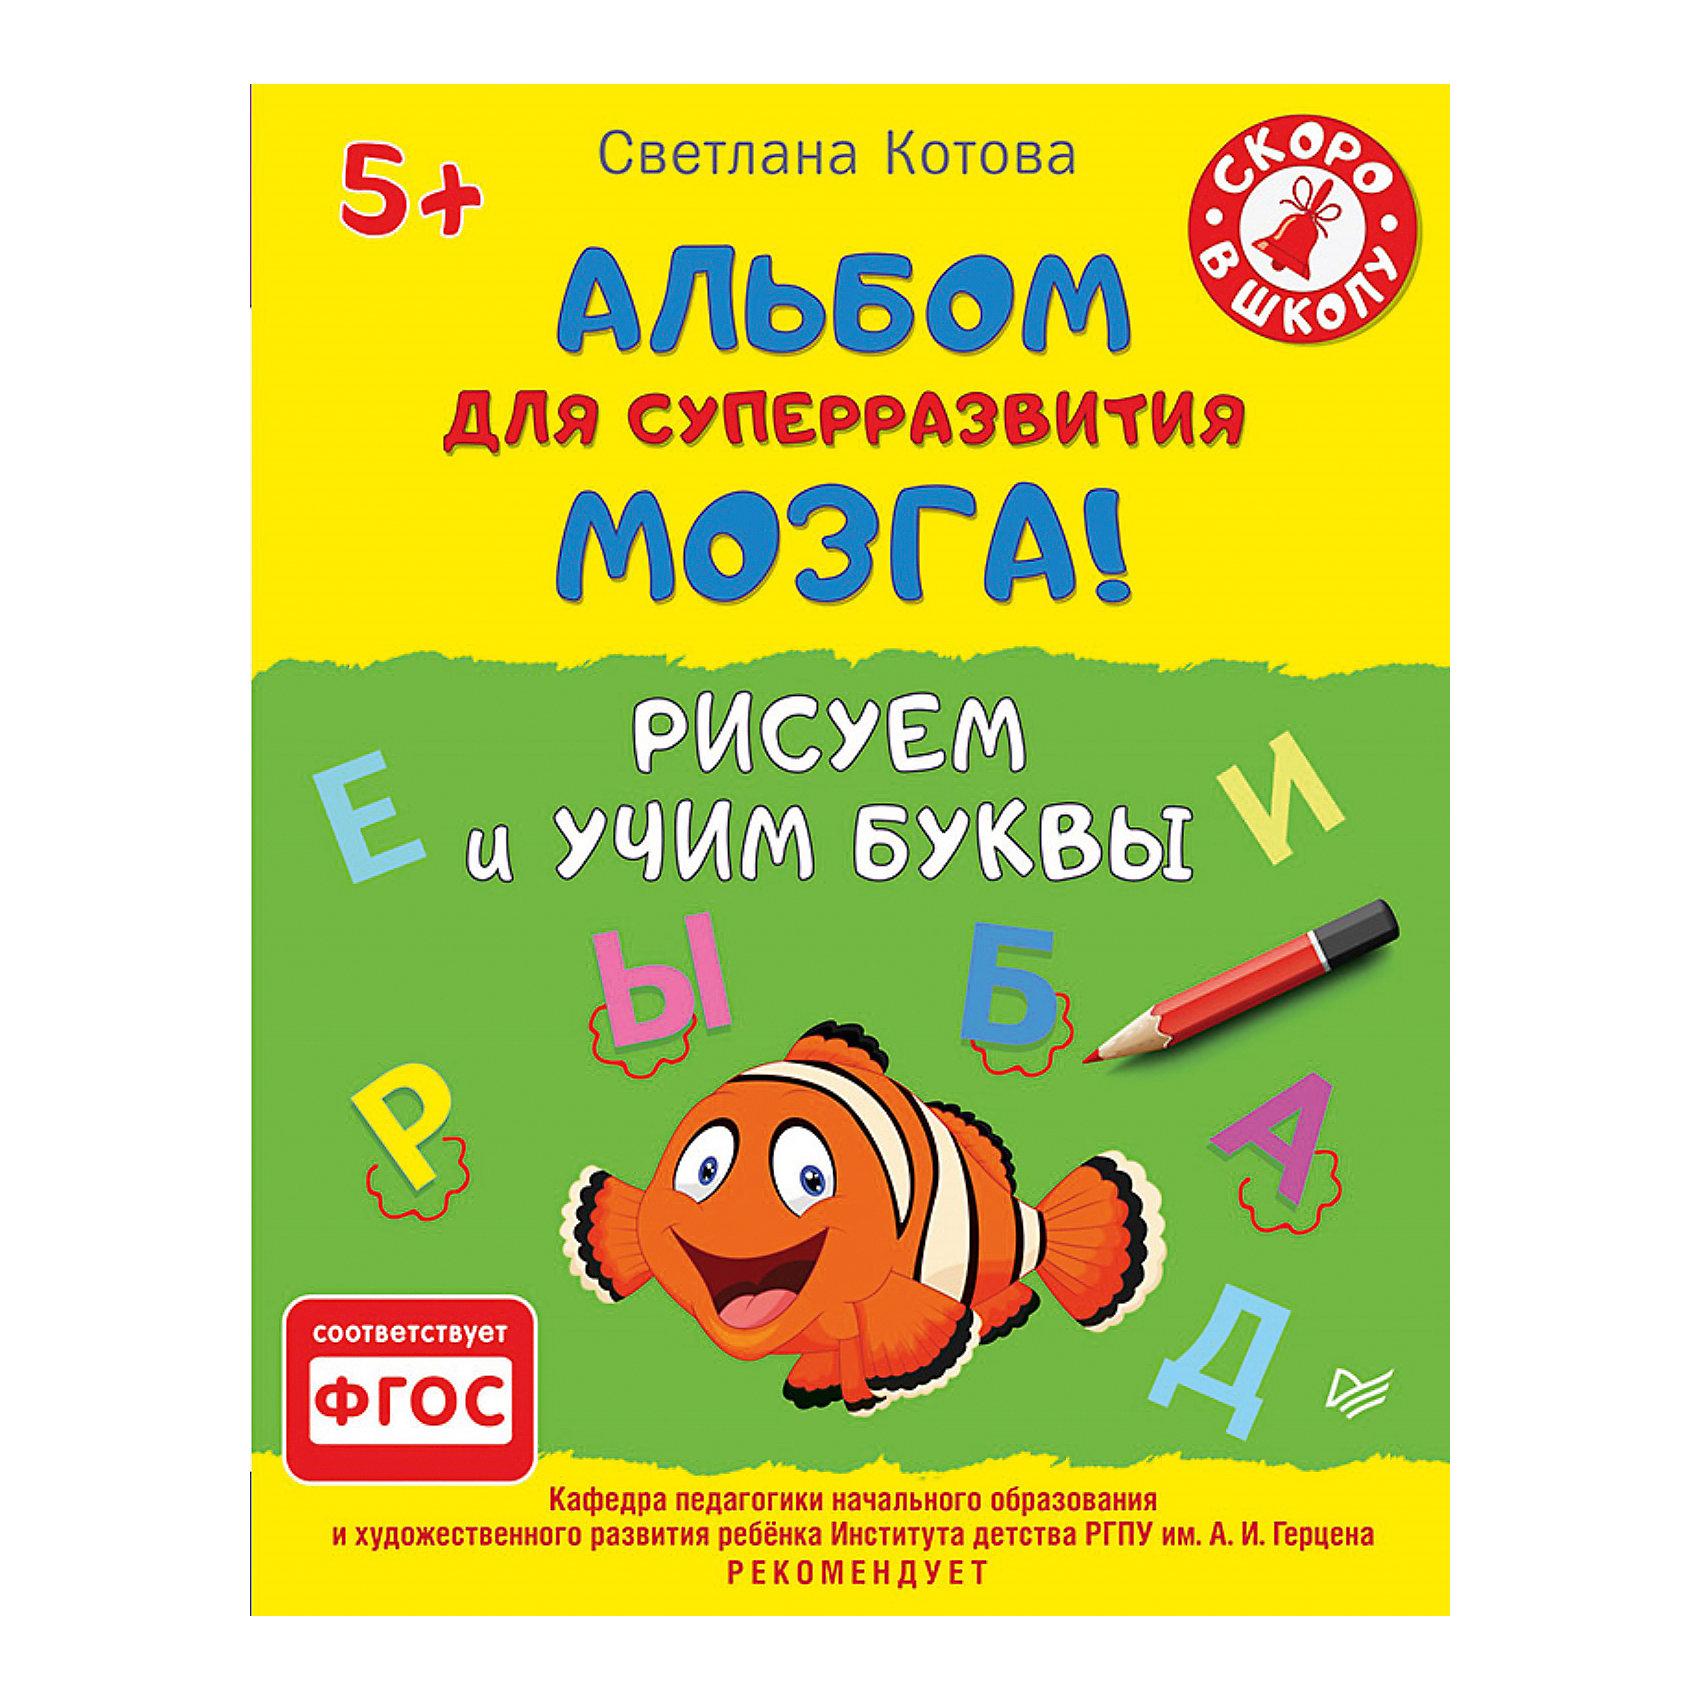 Рисуем и учим буквы 5+Перед вами уникальная книга, с помощью которой вы сможете легко и успешно подготовить ребенка к письму и чтению. Развитие устной и письменной речи не может происходить без овладения письмом и графическими навыками. Занимайтесь с ребенком, и он быстро и с удовольствием научится писать и выучит все буквы. Методика прекрасно подходит для работы с детьми, имеющими затруднения в формировании навыков письма и чтения (в том числе дислексия, алалия).<br><br>Ширина мм: 252<br>Глубина мм: 195<br>Высота мм: 3<br>Вес г: 147<br>Возраст от месяцев: 60<br>Возраст до месяцев: 2147483647<br>Пол: Унисекс<br>Возраст: Детский<br>SKU: 5018097